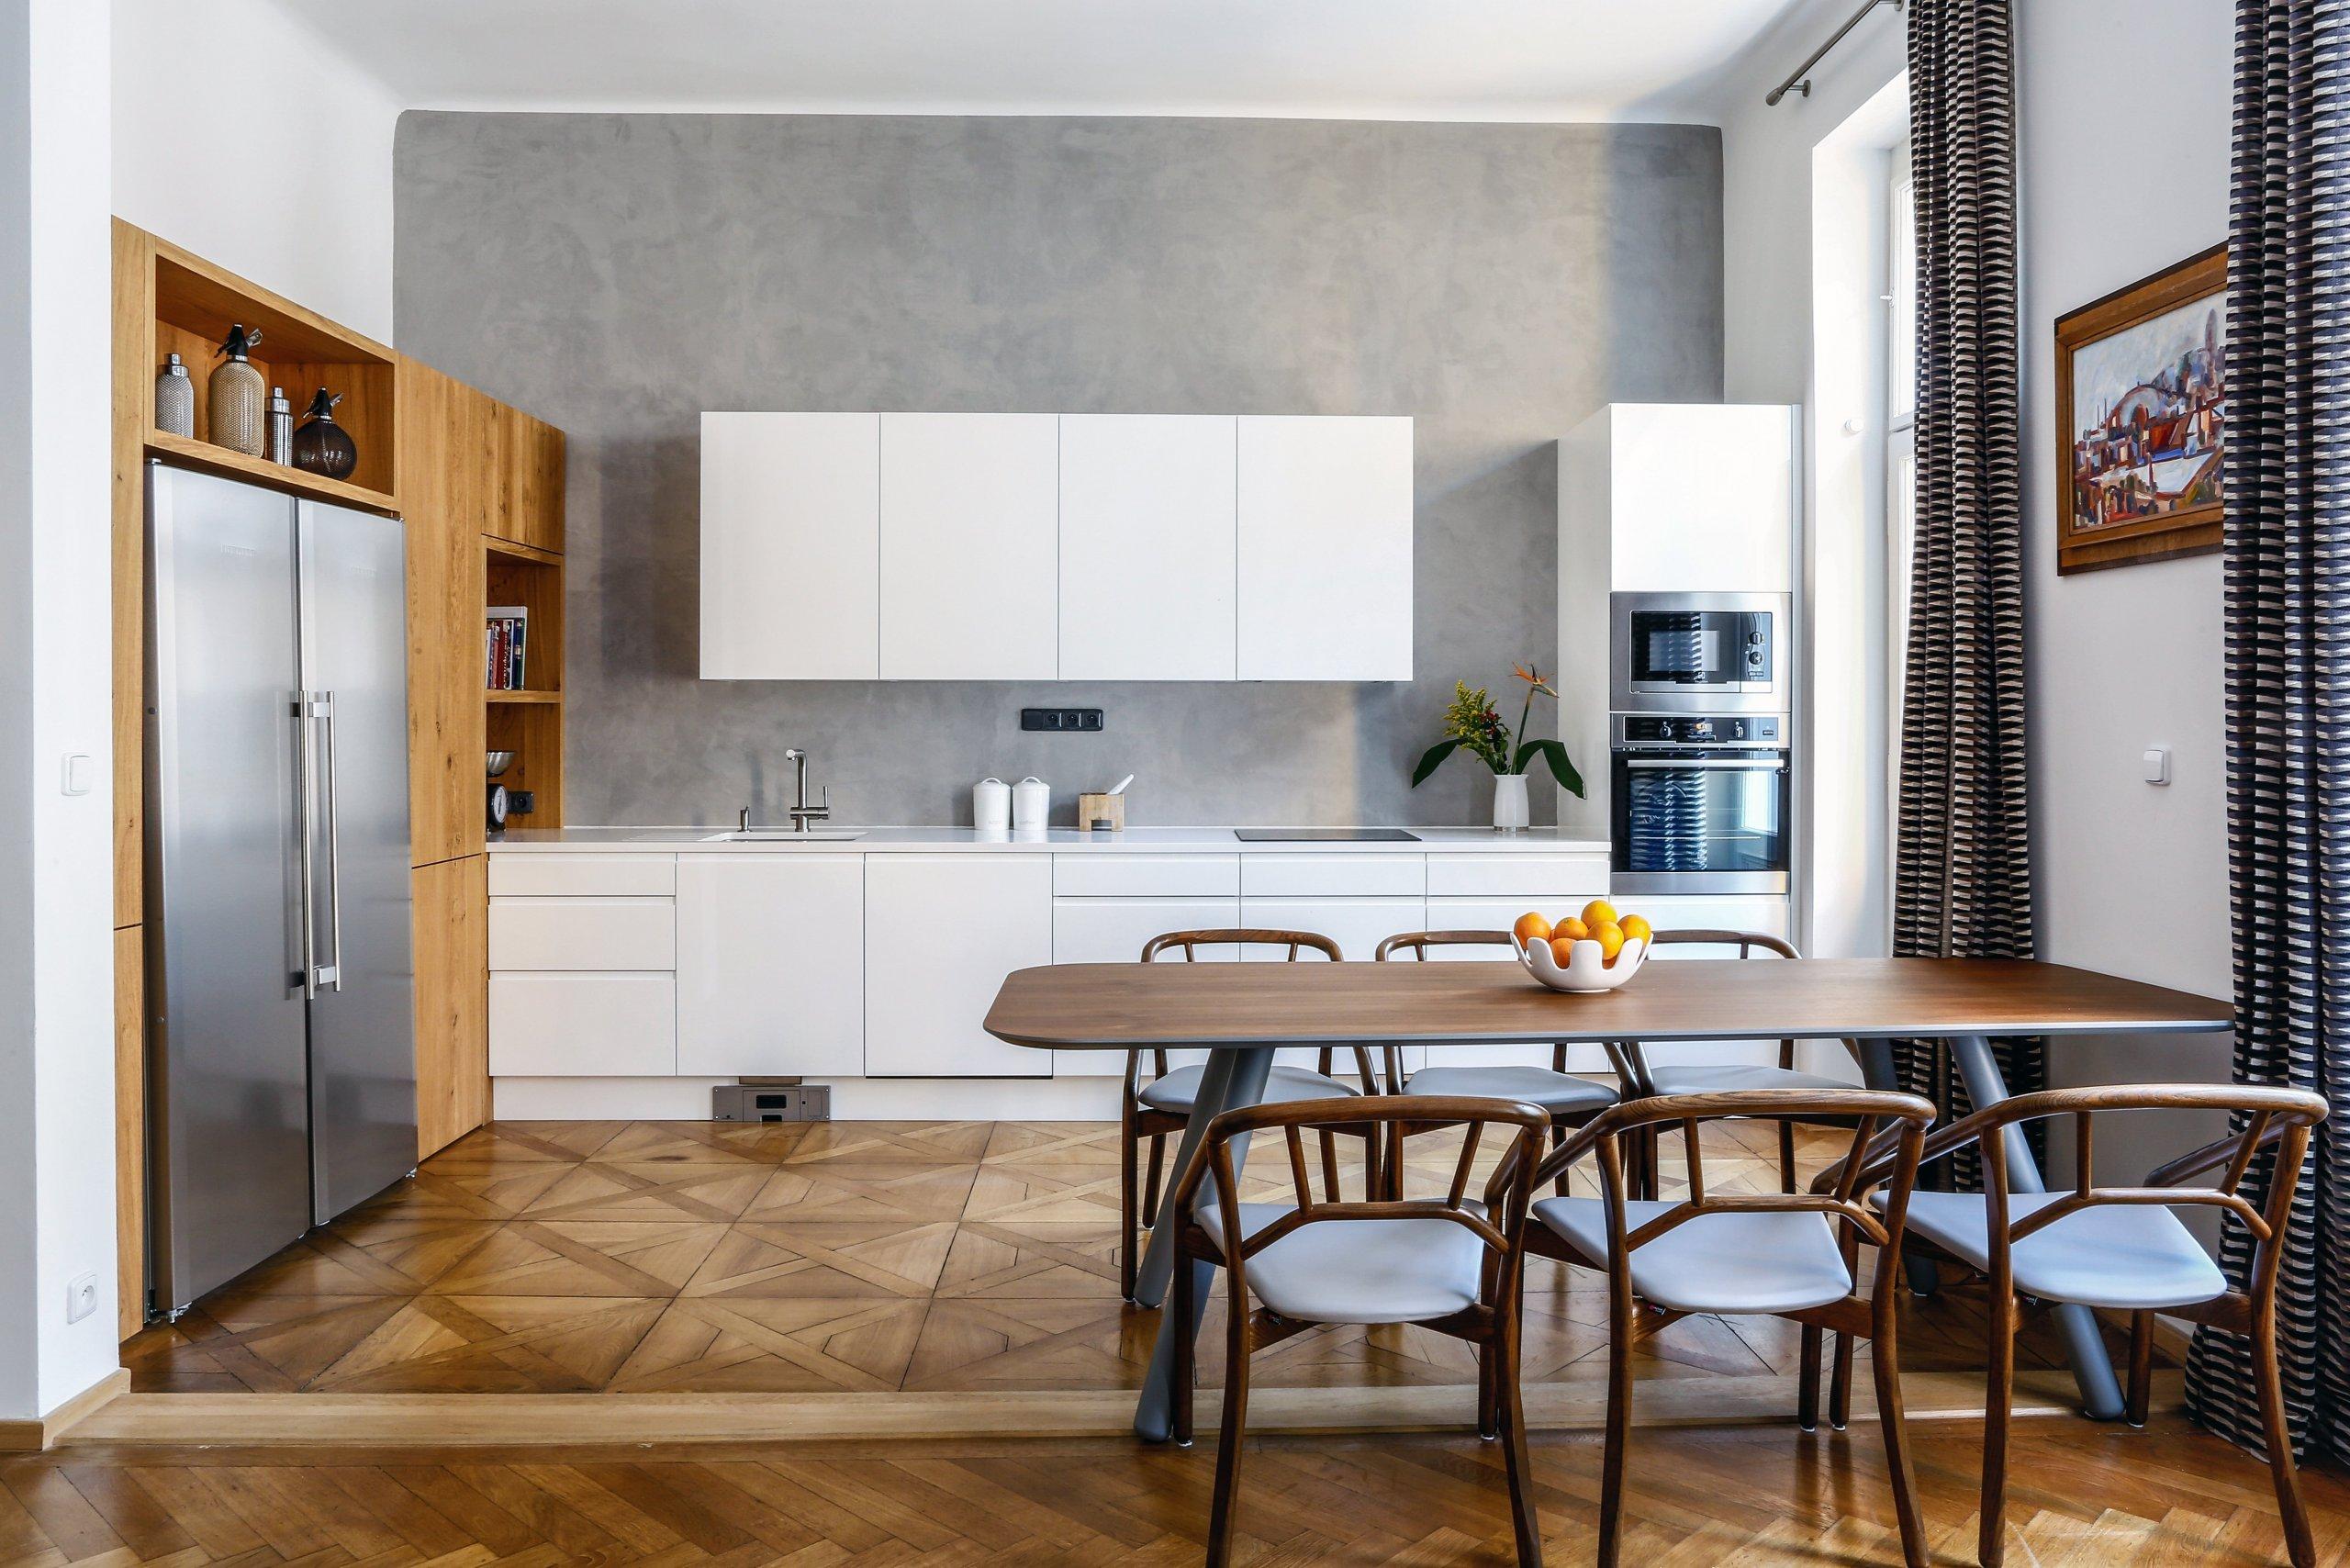 Navrhnout kuchyň do tak krásného prostoru s vysokým stropem byla od začátku radost. Přiznat výšku místnosti se podařilo i díky omyvatelné stěrce. Baví mě jak…